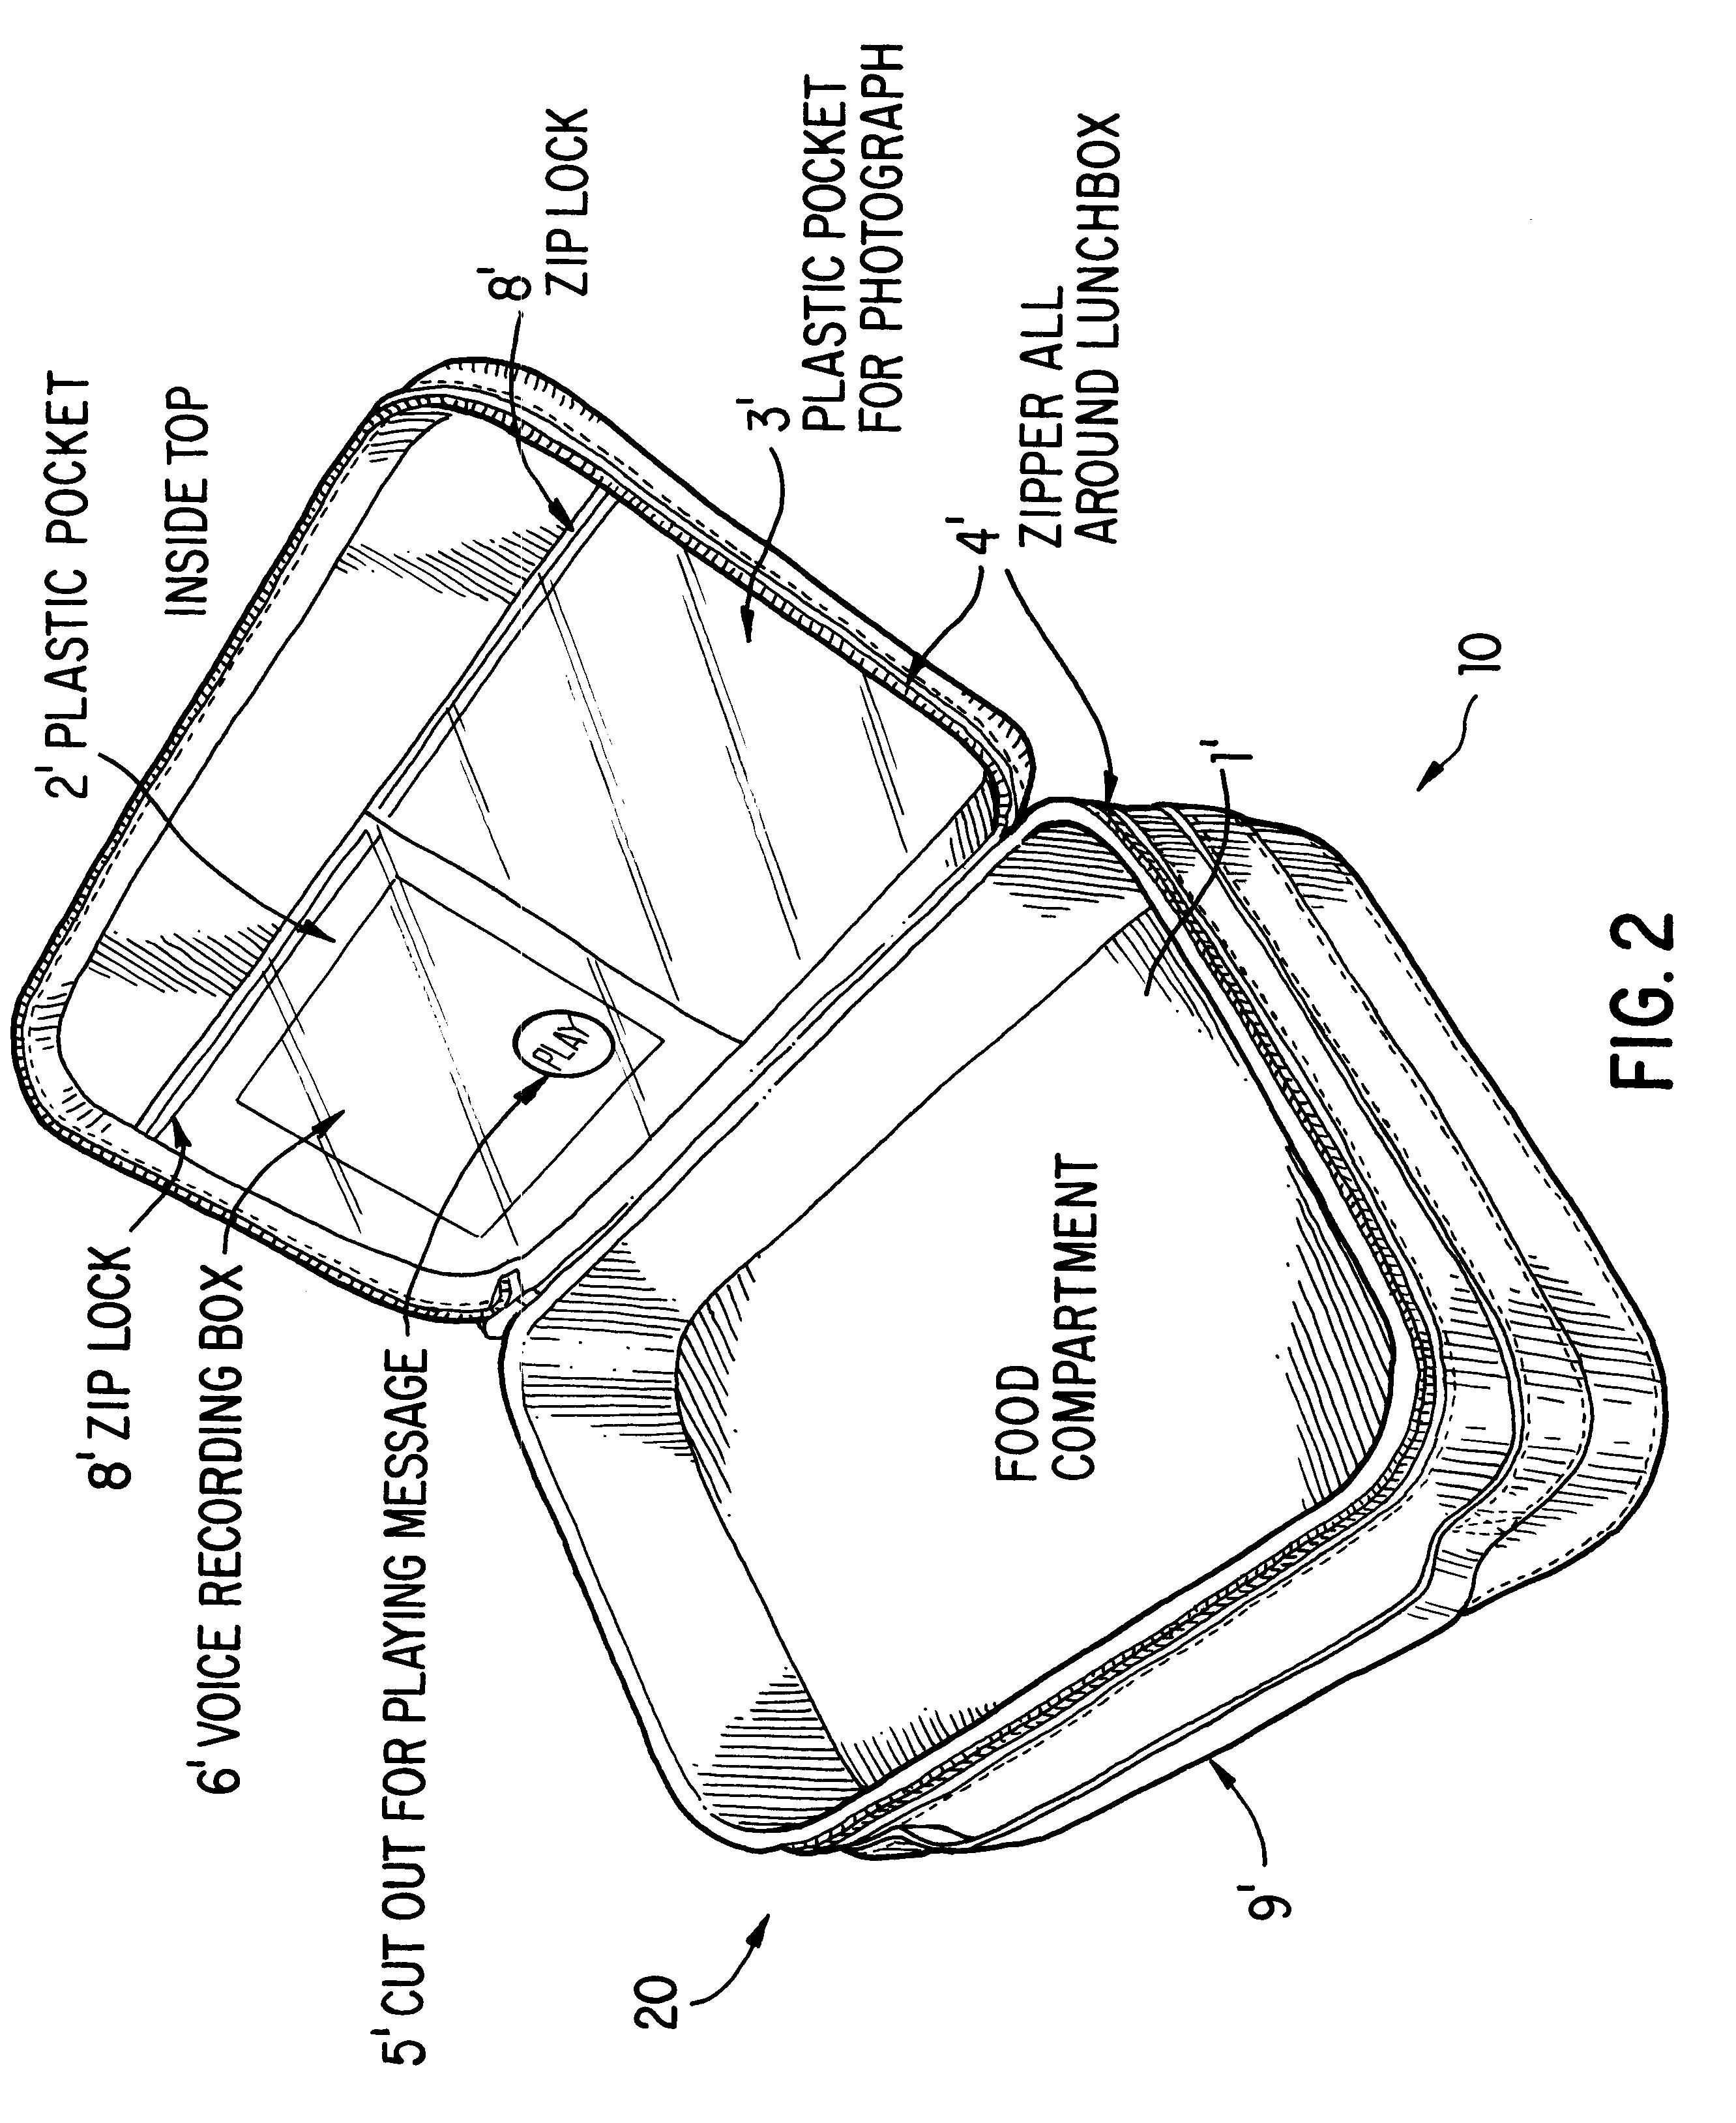 patent us6347706